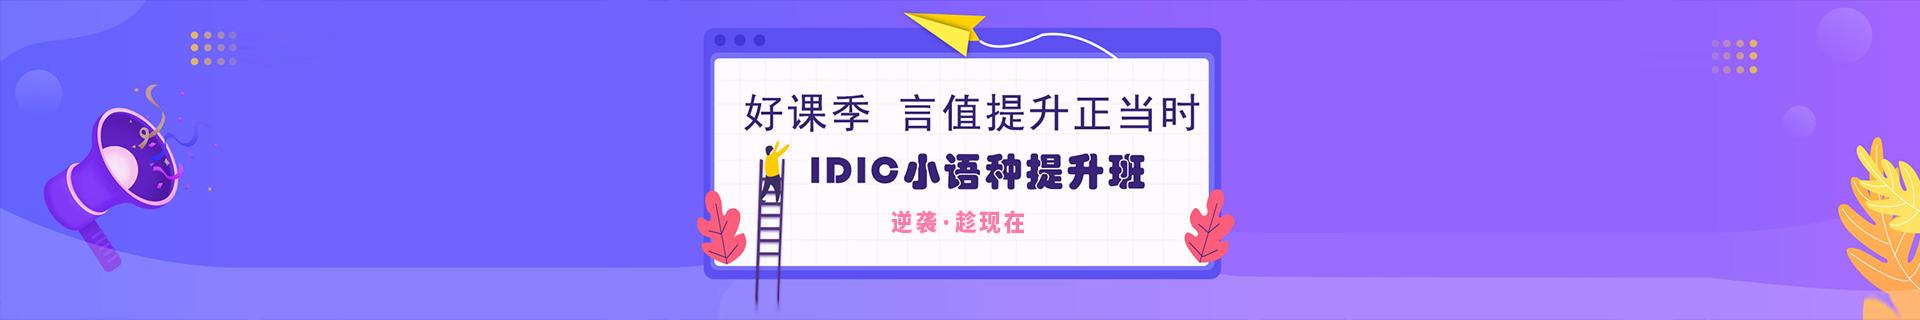 厦门思明区IDIC小语种培训机构